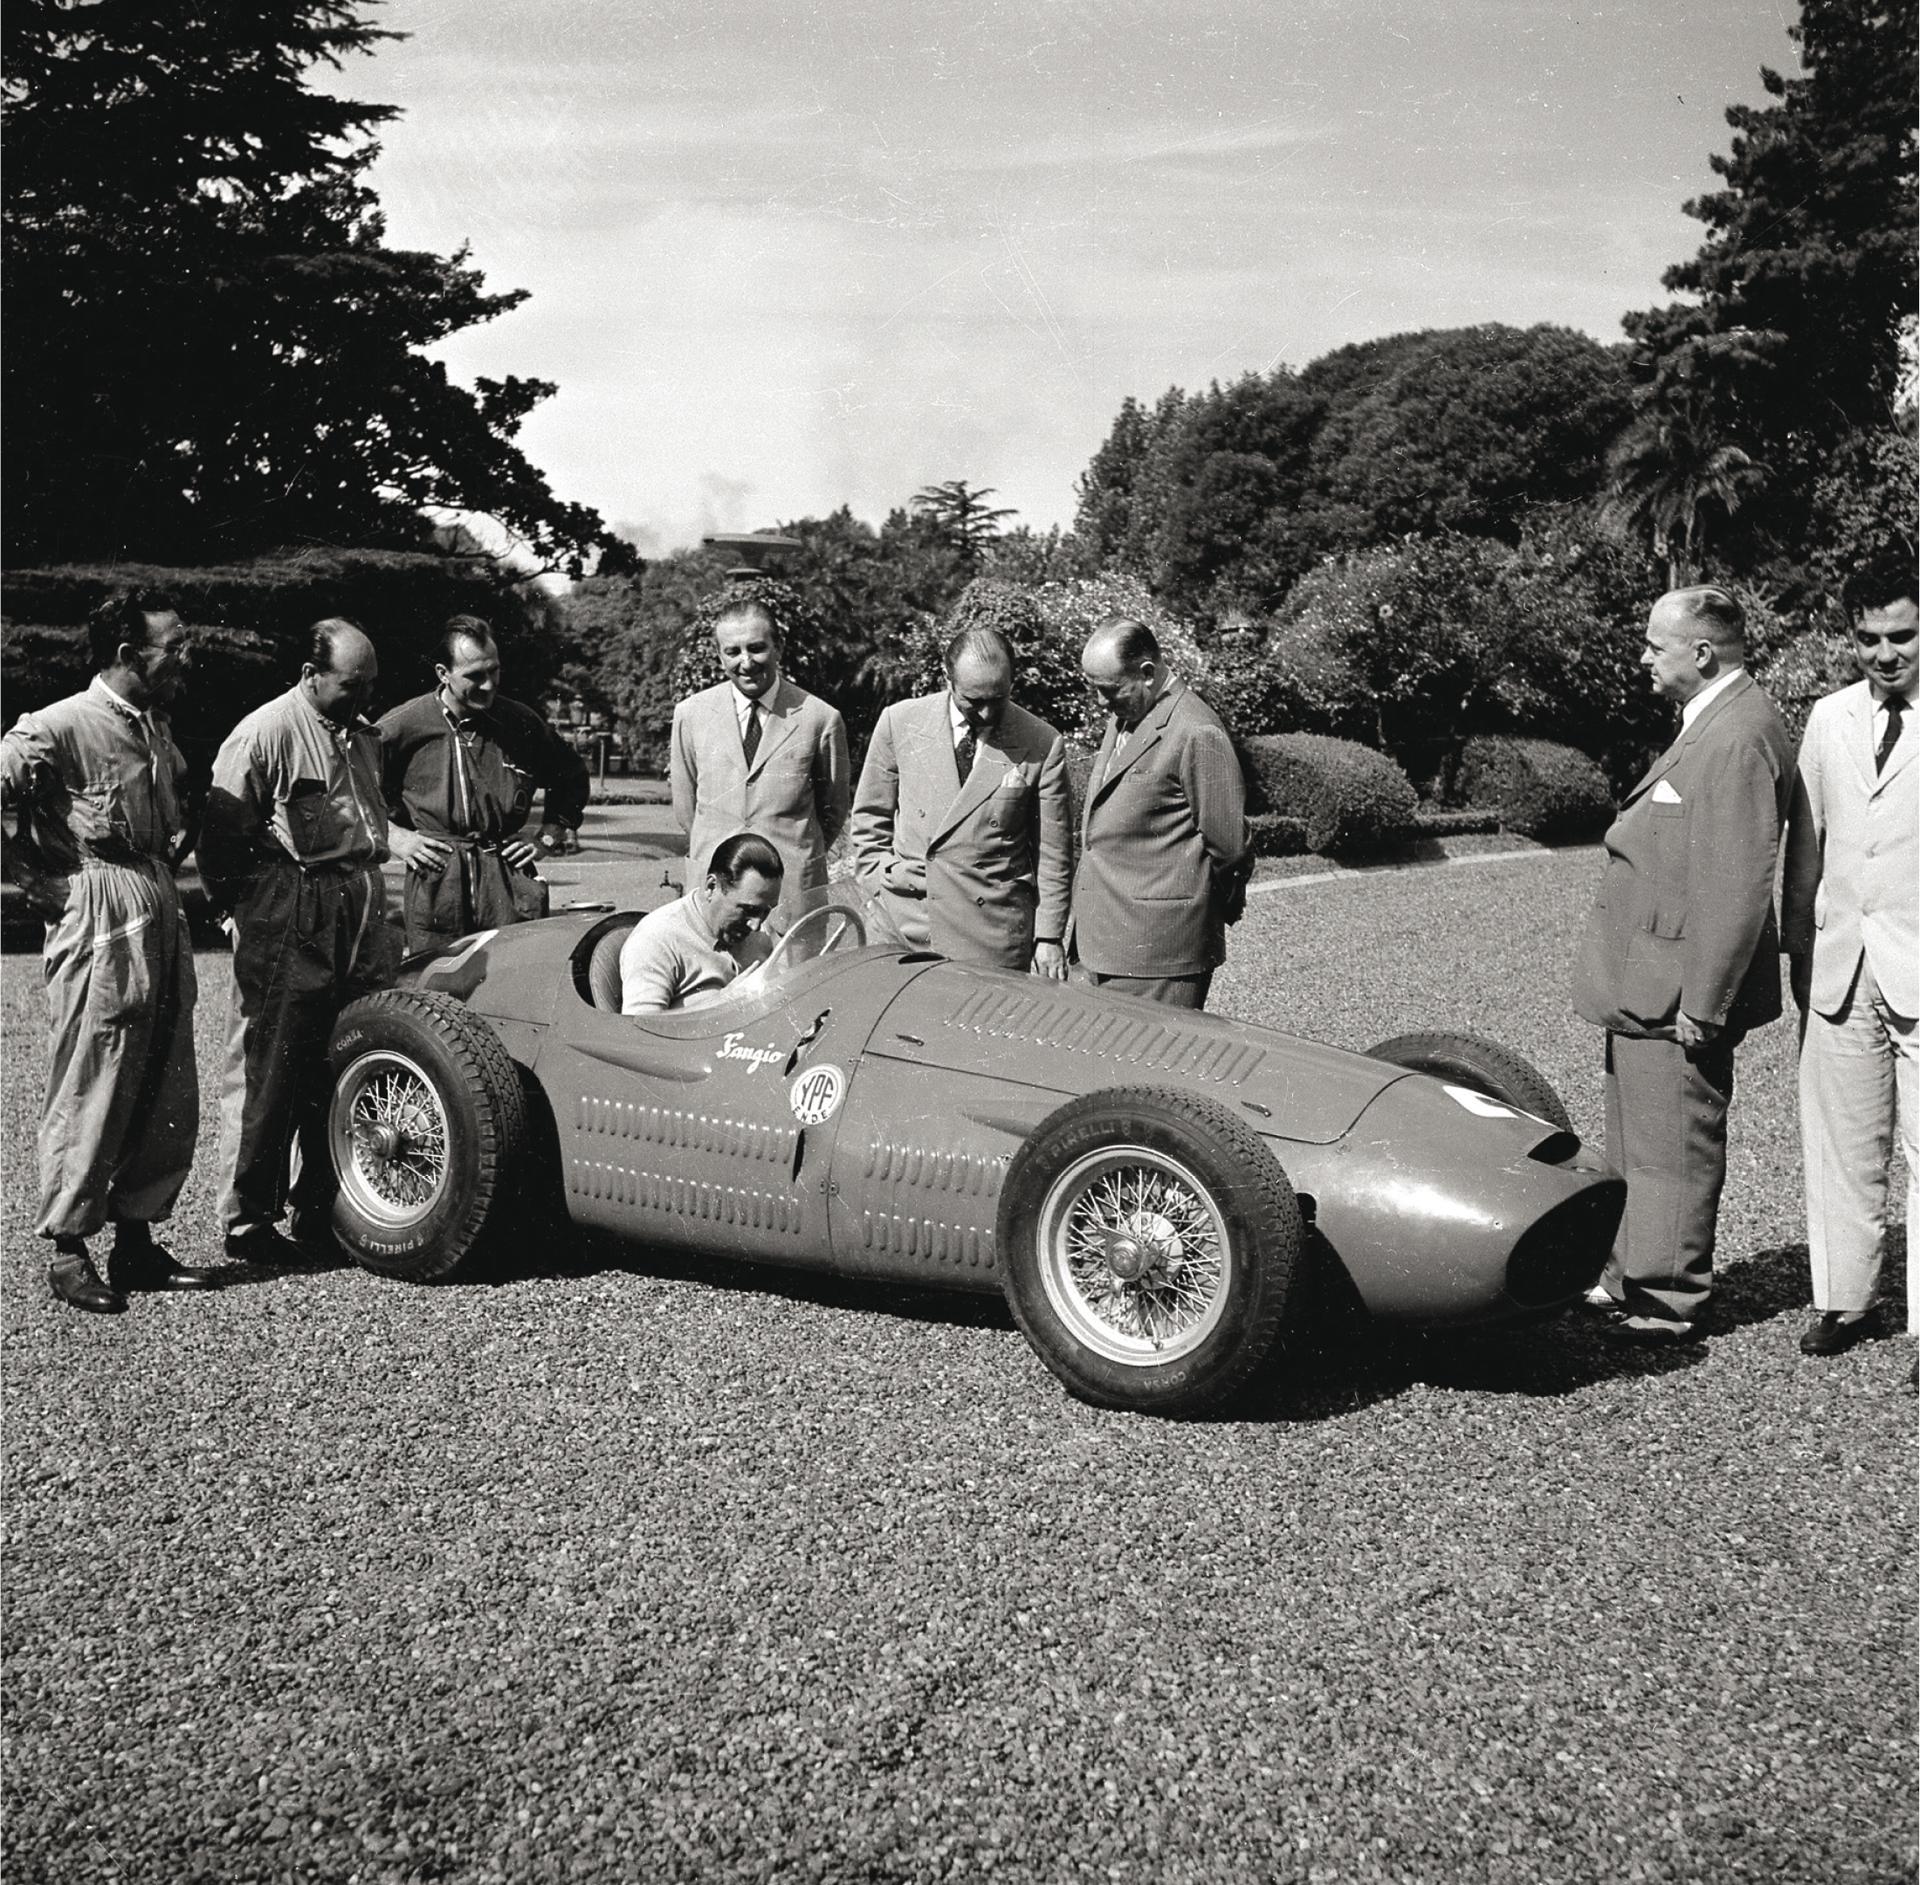 Perón al volante de la Maserati 250 f de 1954, durante una visita de Juan Manuel Fangio a la quinta de Olivos. El campeón de automovilismo está de pie a su lado.